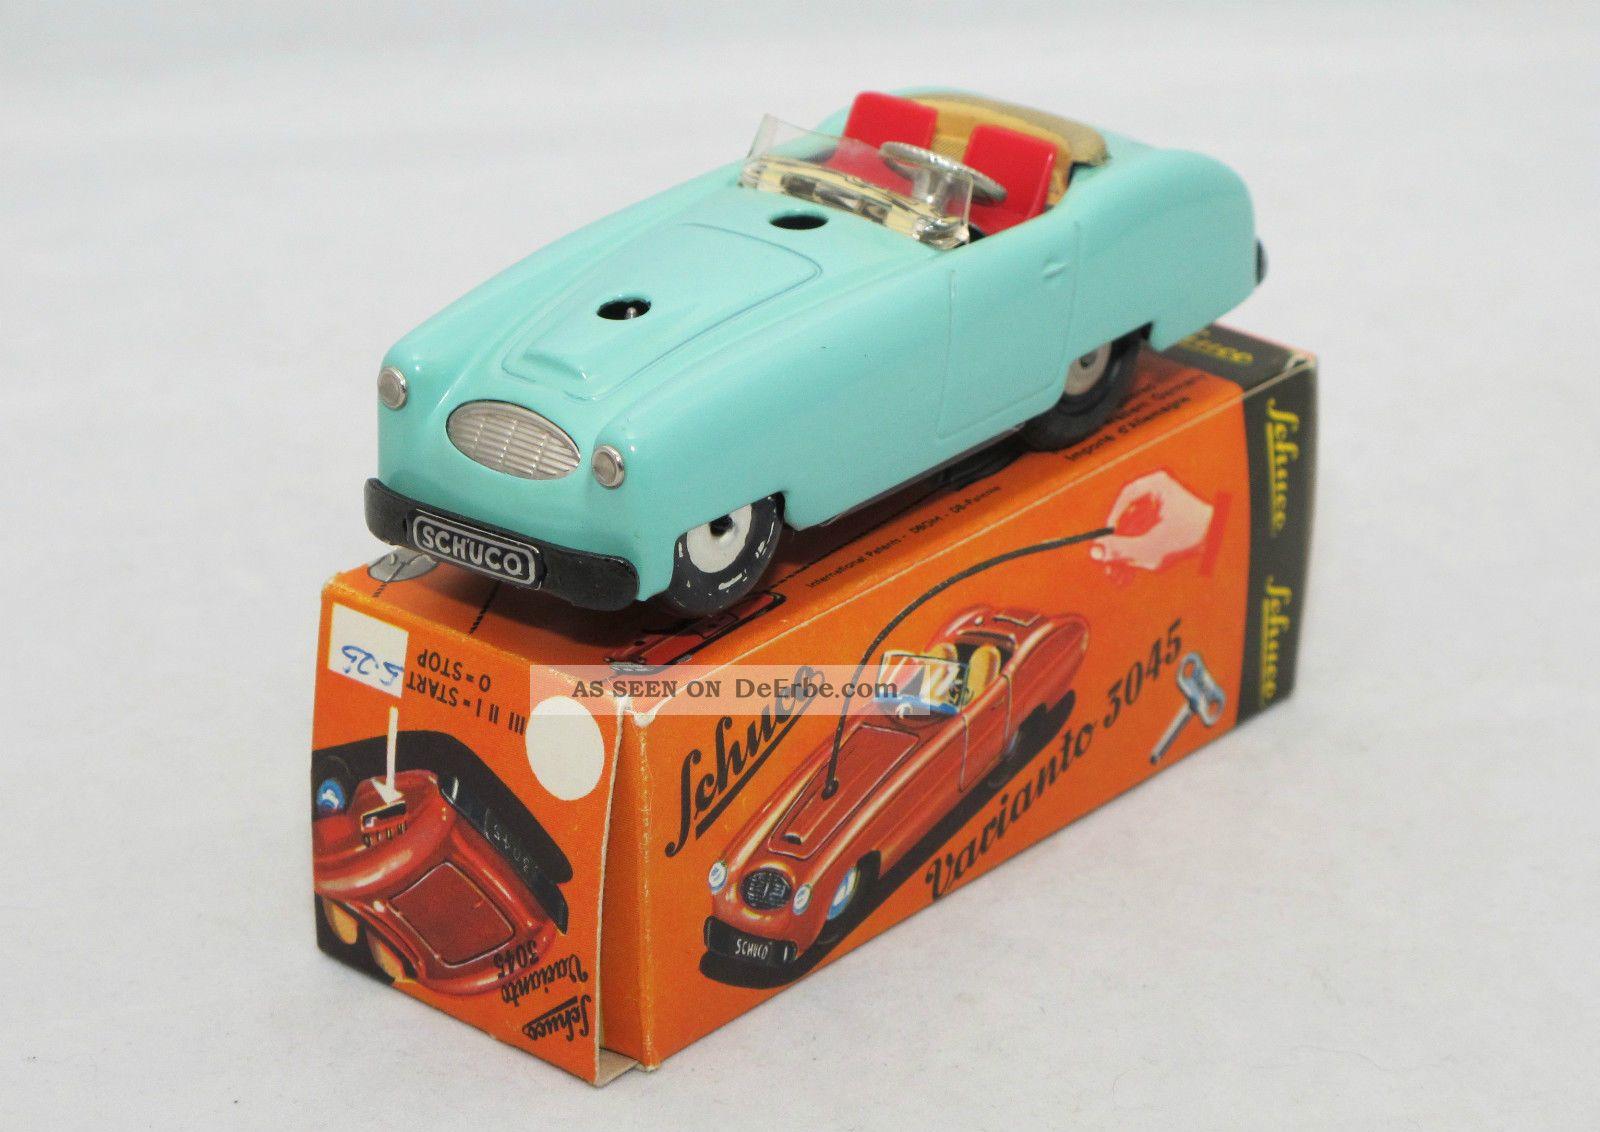 Germany Boxed Spielzeug Schuco Varianto 3045 Cabriolet Mit Schlüssel W